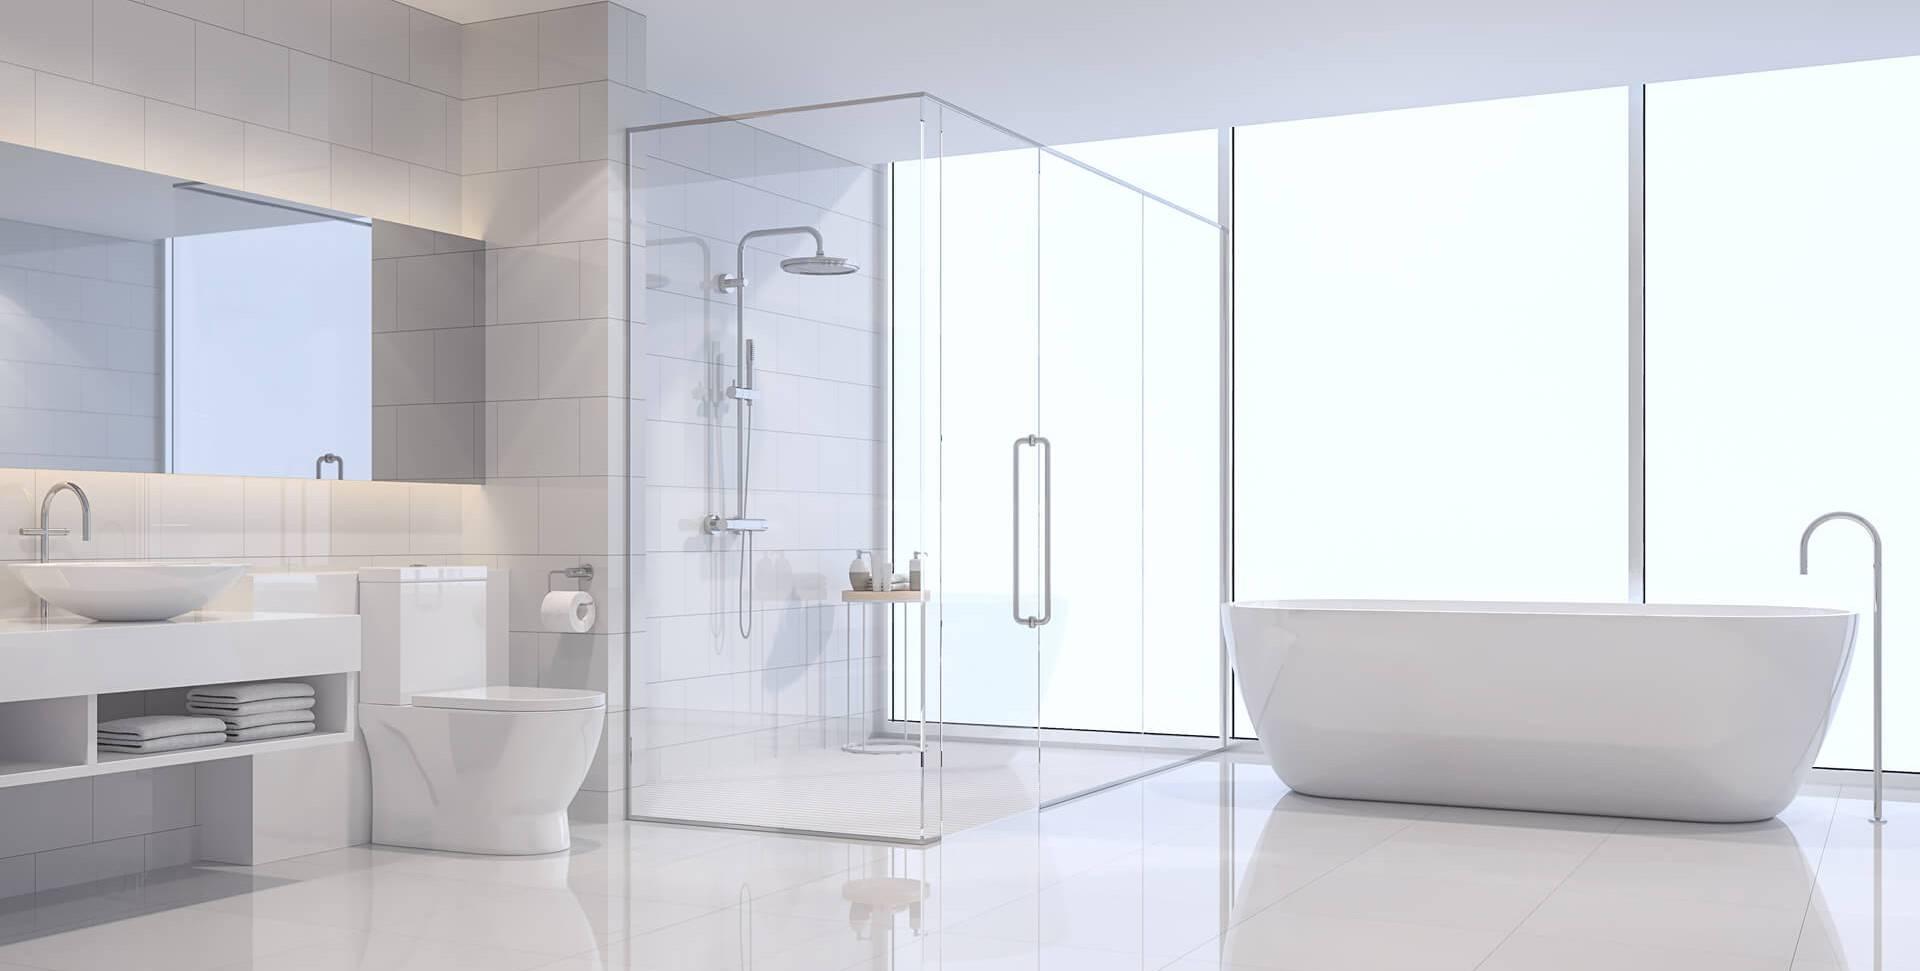 Full Size of Glastrennwand Dusche Glasduschen Einhebelmischer Badewanne Unterputz Thermostat Bodenebene Glaswand Ebenerdige Kosten Bidet Kleine Bäder Mit Hsk Duschen Dusche Glastrennwand Dusche